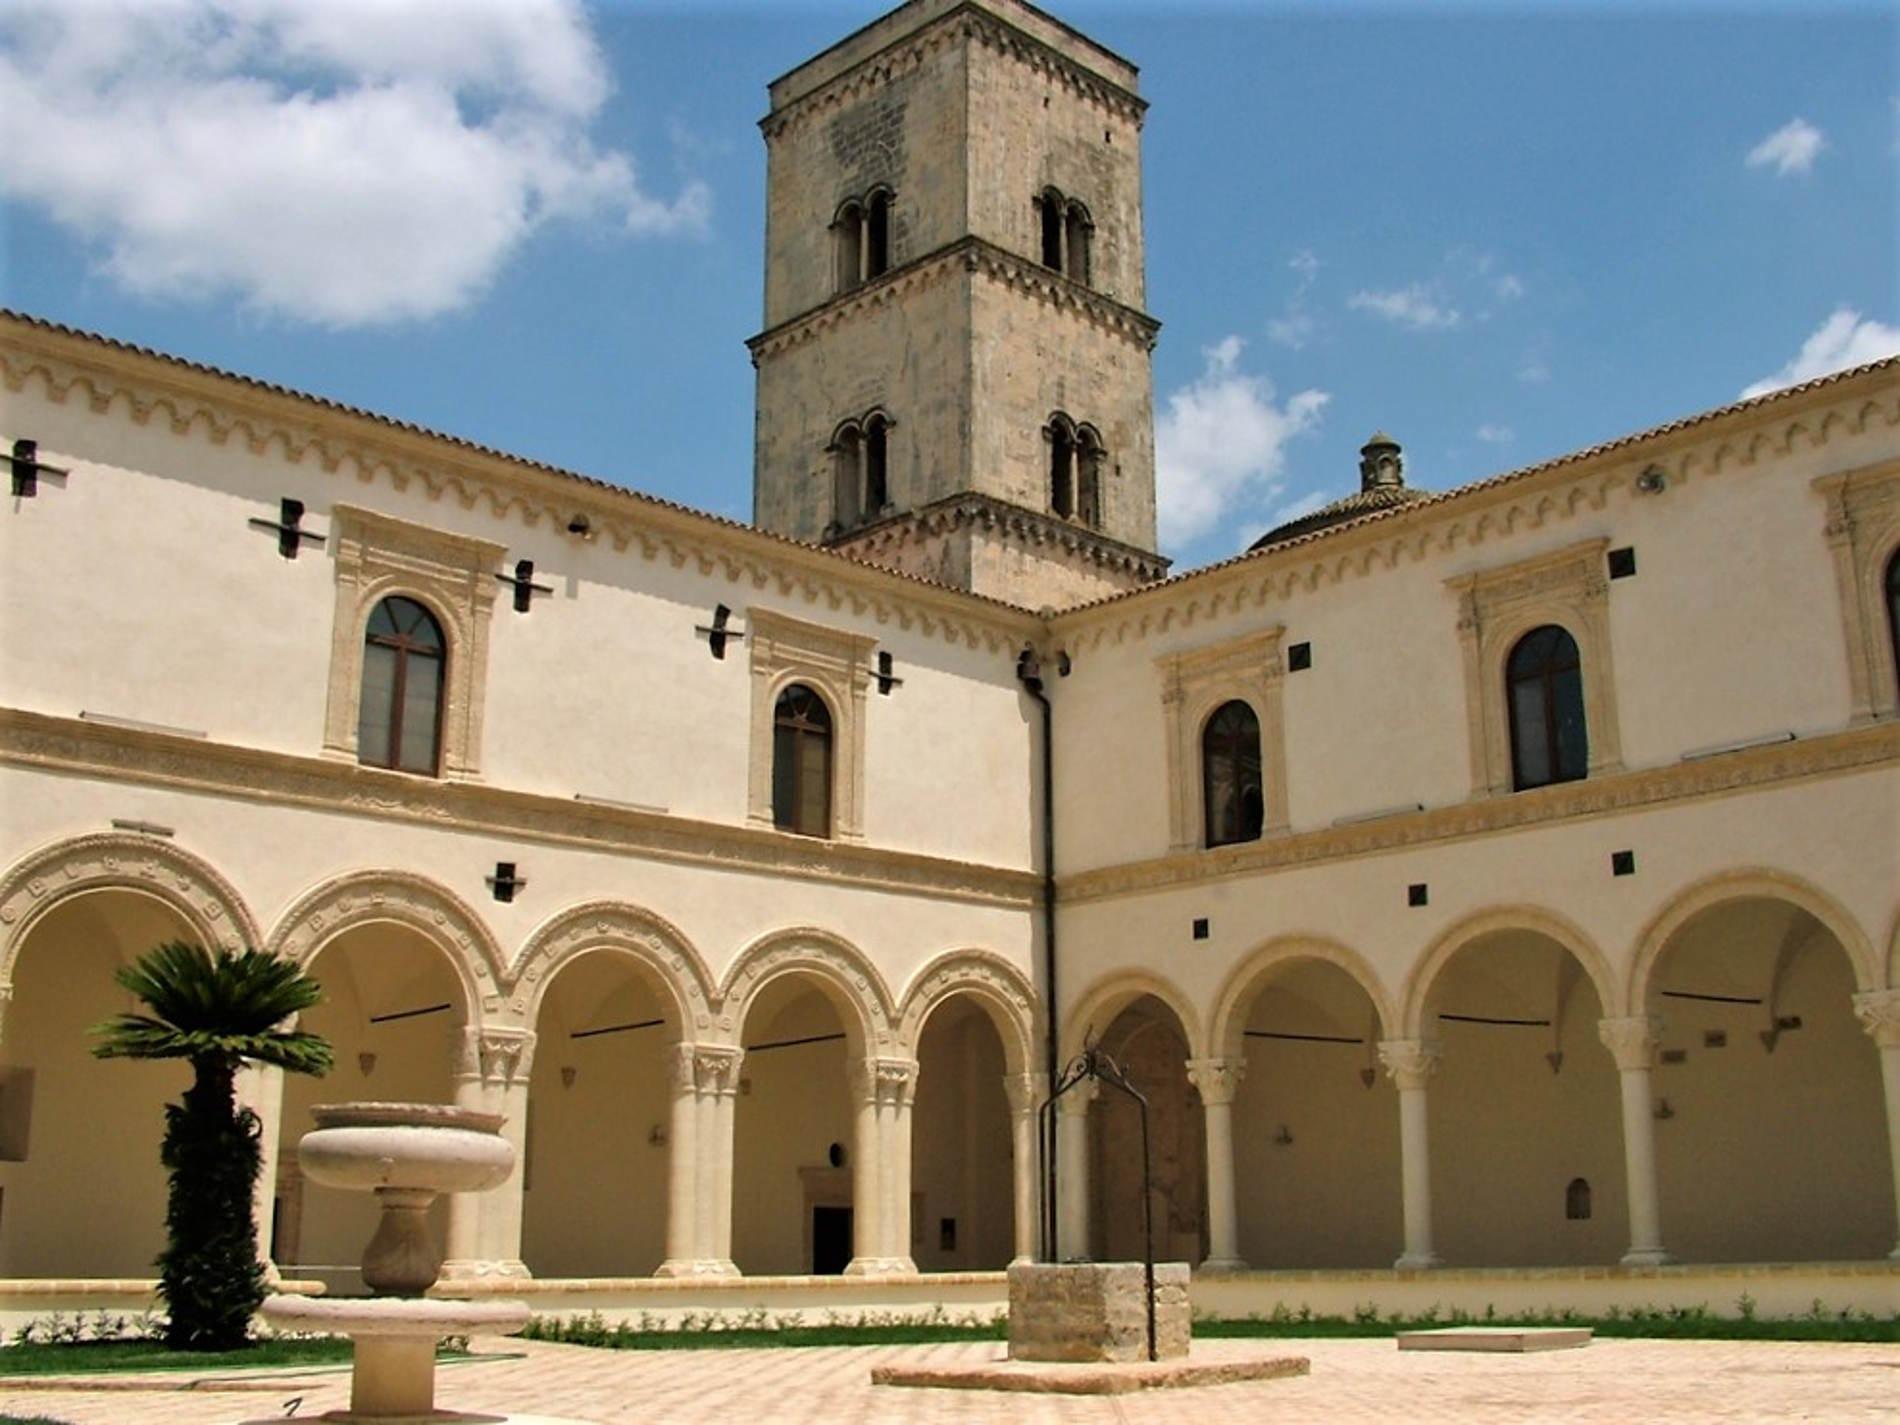 Montescaglioso: Il chiostro nell'Abbazia di San Michele Arcangelo - cosa vedere e visitare in Basilicata